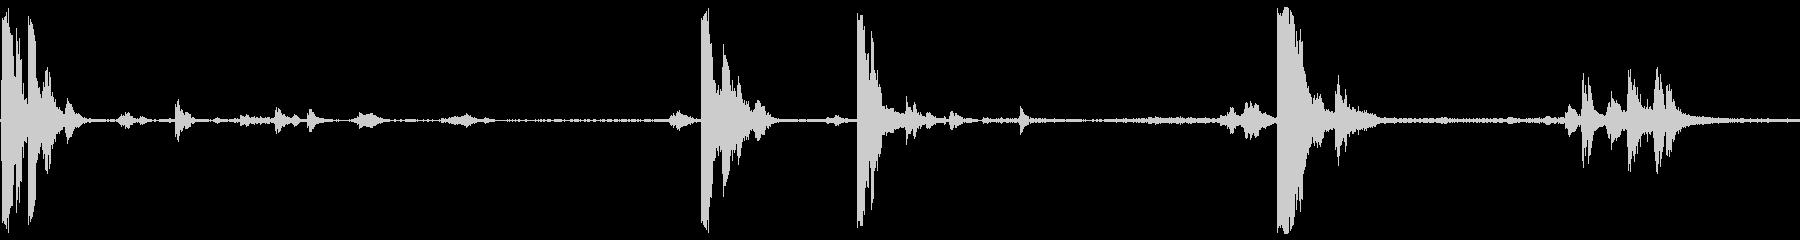 タンクシェルケーシングドロップの未再生の波形